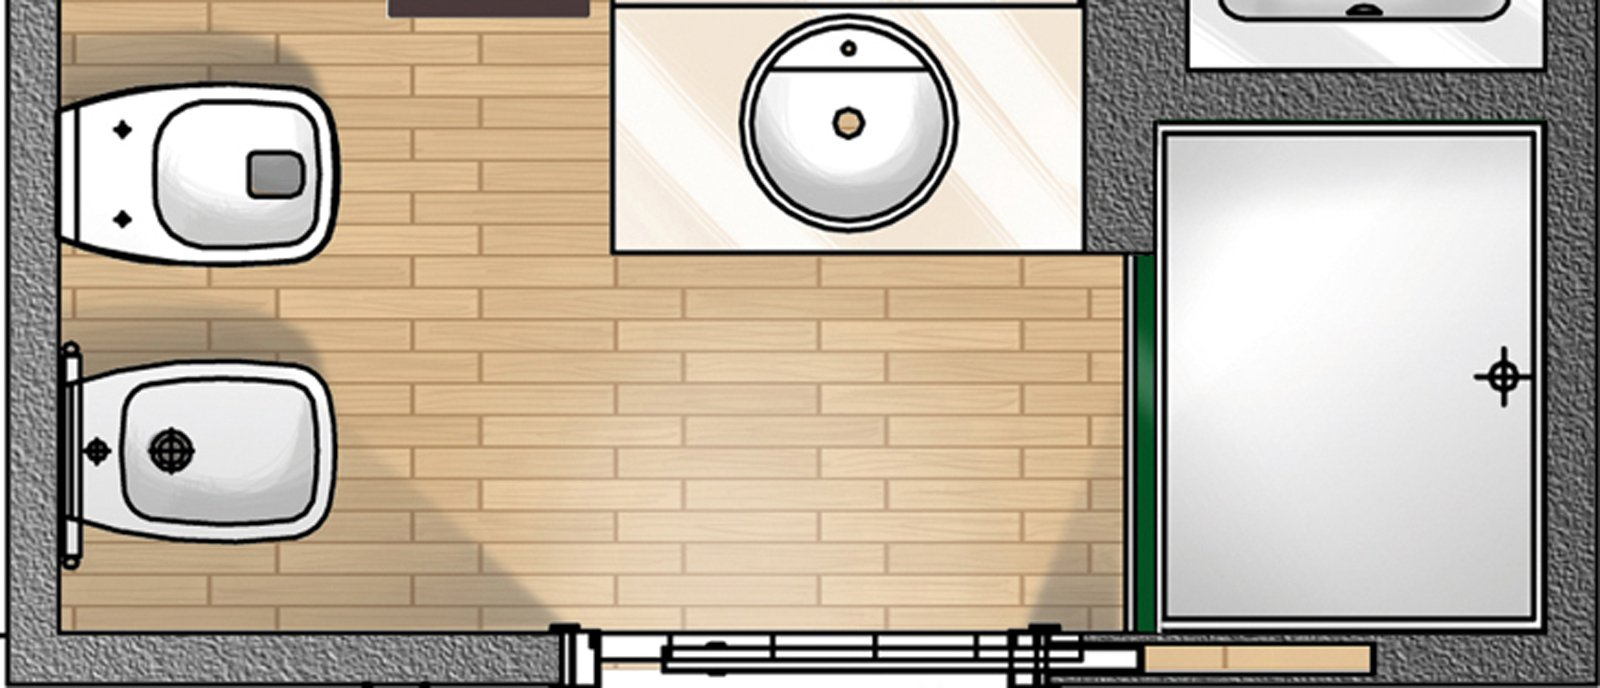 Mobili lavelli finestre bagno dimensioni - Ingombro sanitari bagno ...